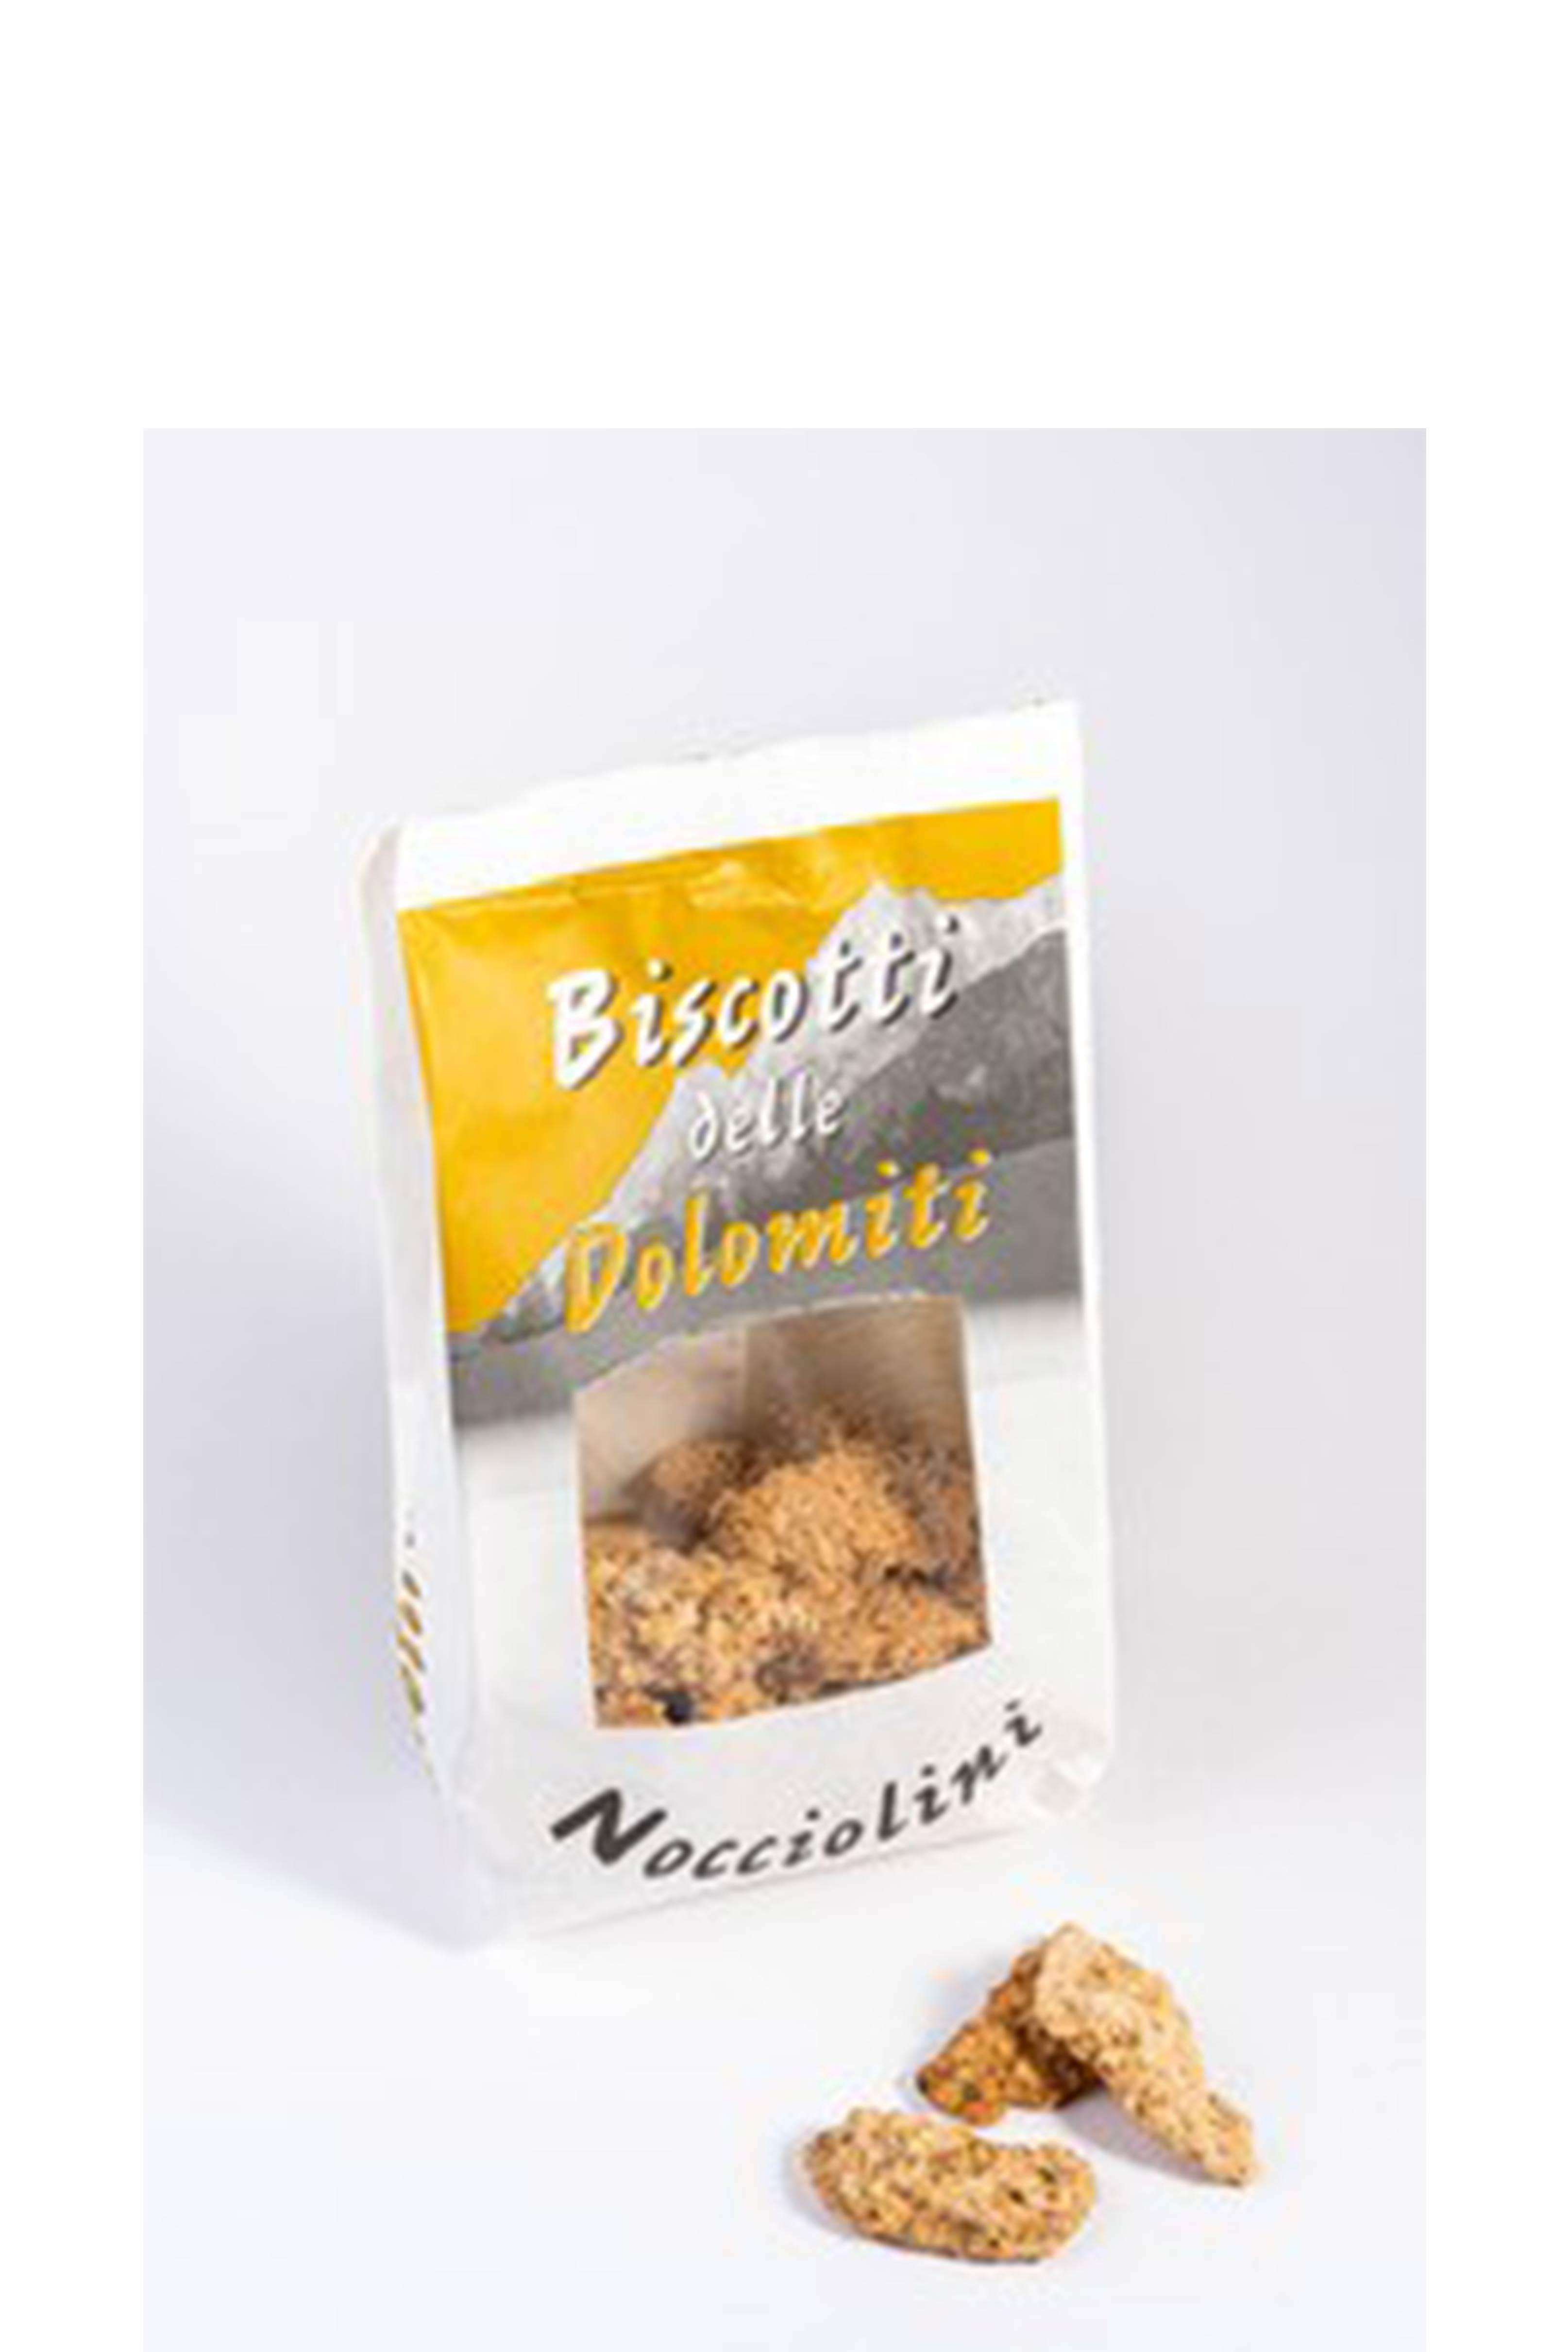 Bicotti Nocciolini